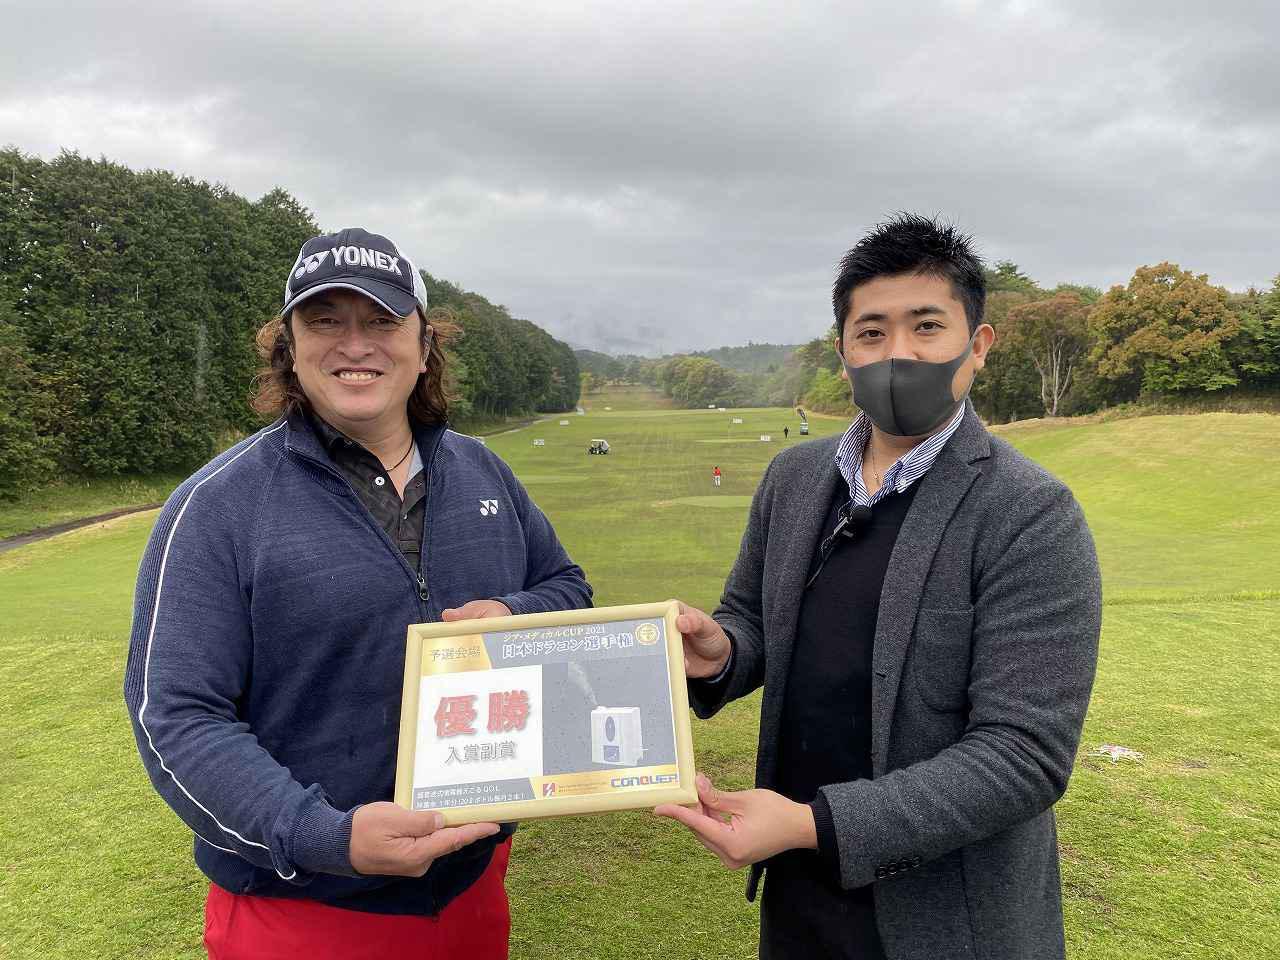 画像: 第5予選 シニア(50+)ディビジョン優勝 岡部 健一郎 選手